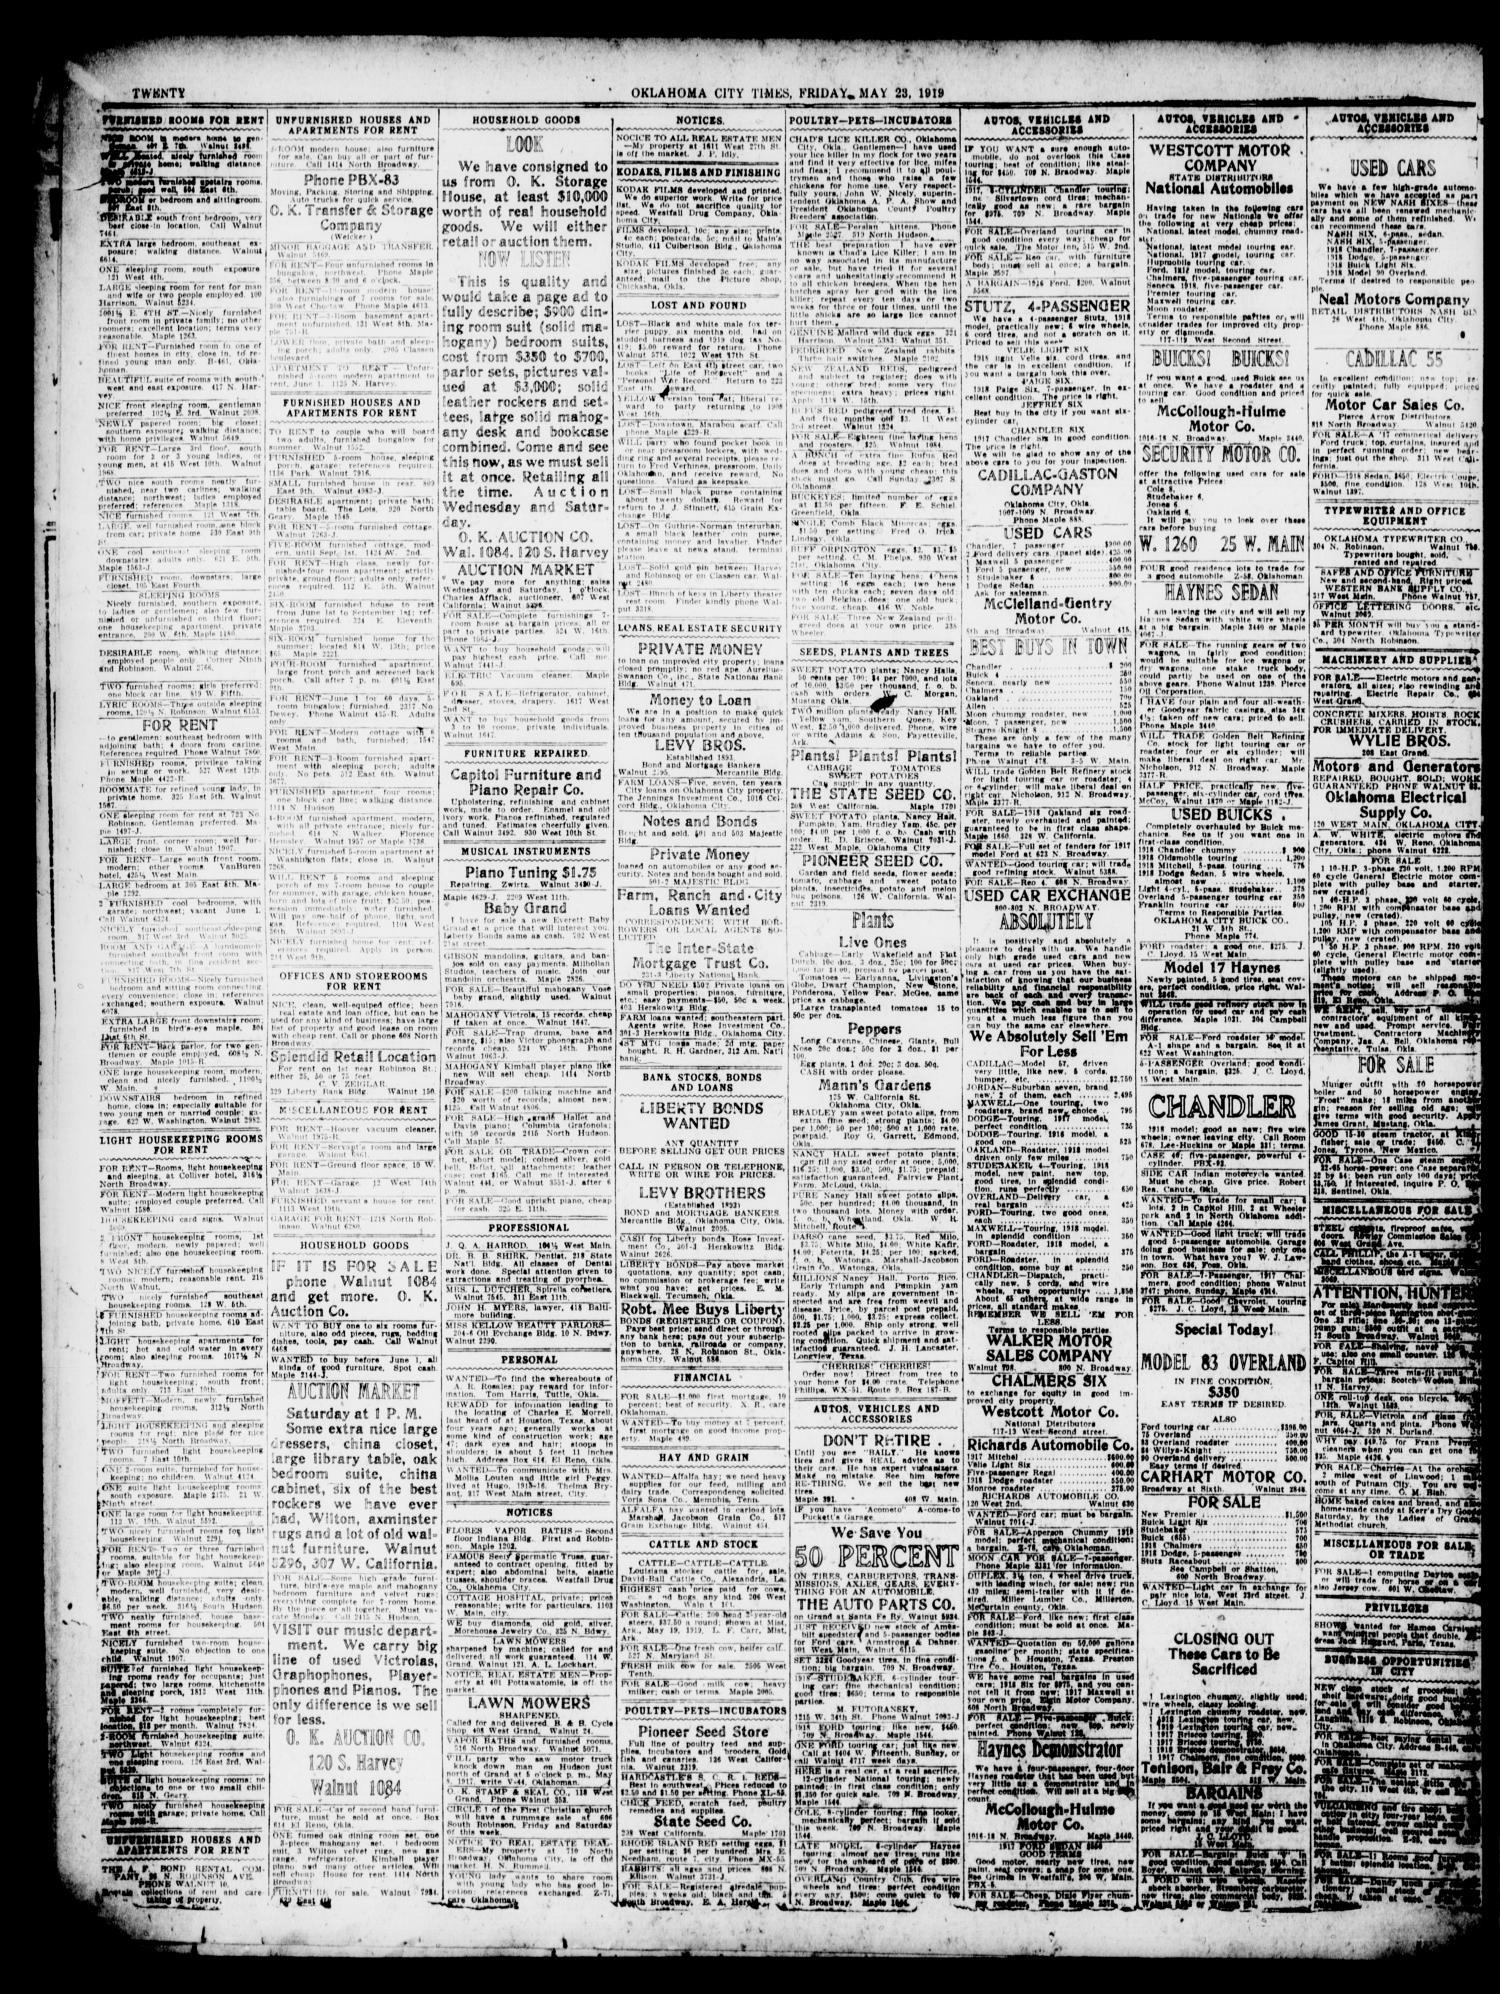 Oklahoma City Times (Oklahoma City, Okla.), Vol. 31, No. 38, Ed. 1 ...